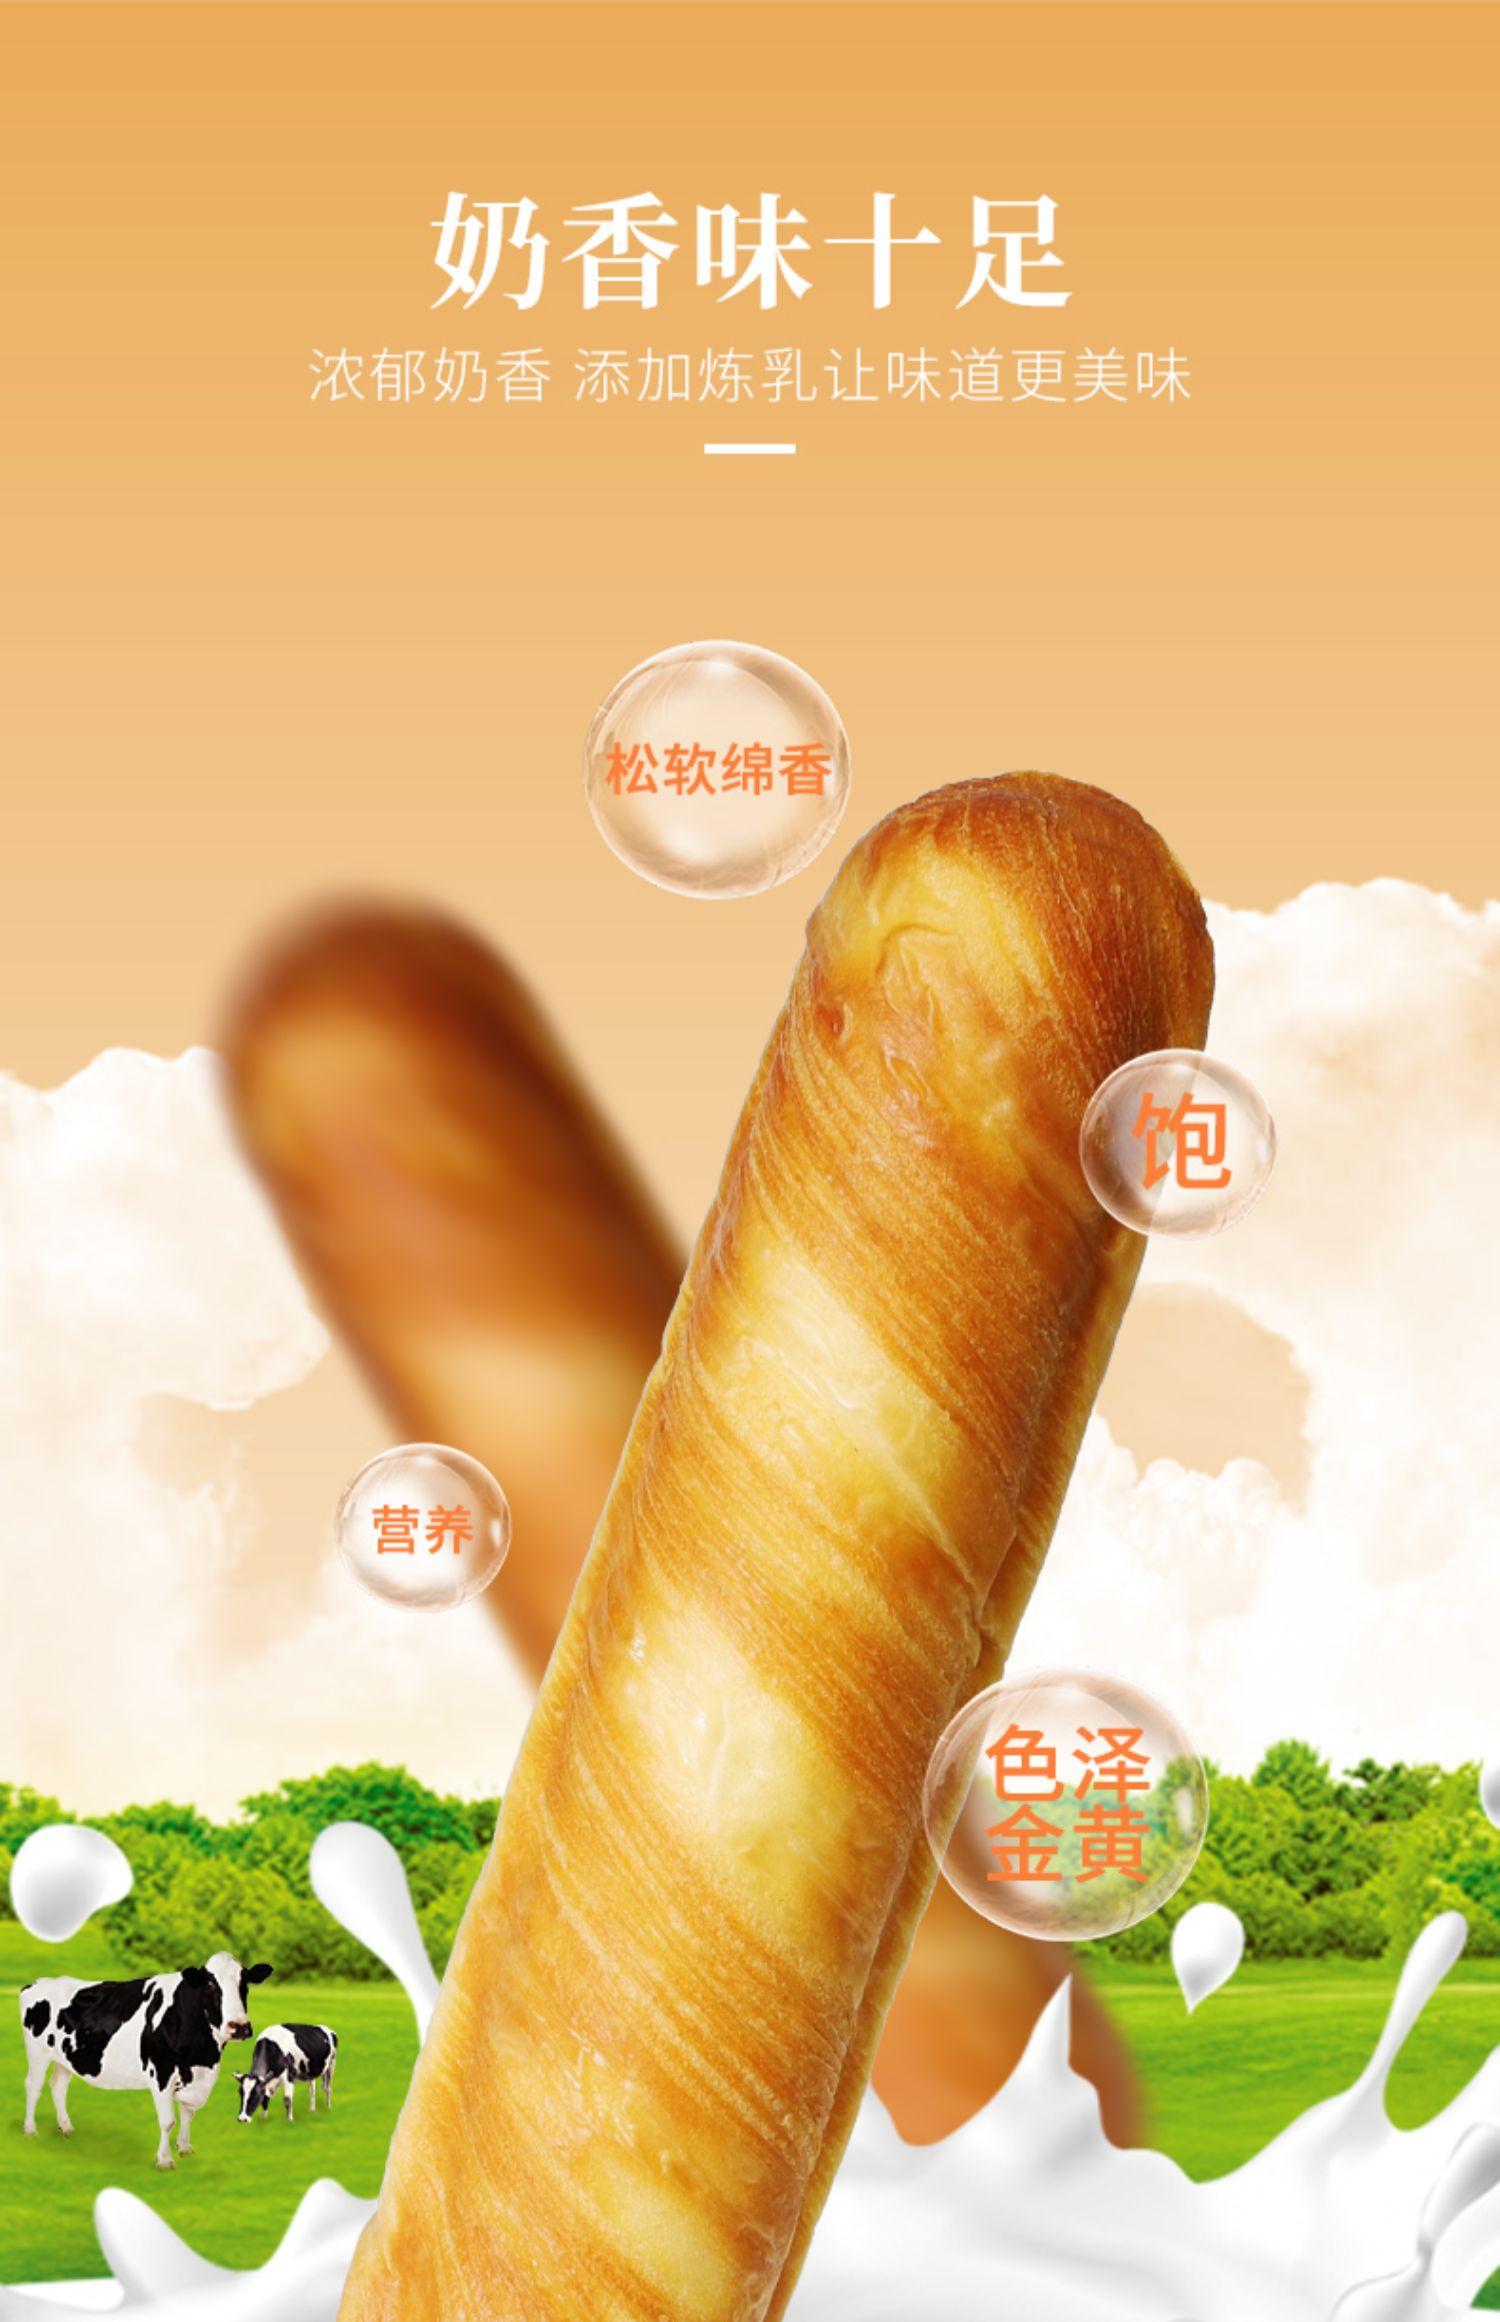 拍2件【友臣】手撕棒面包1000g4